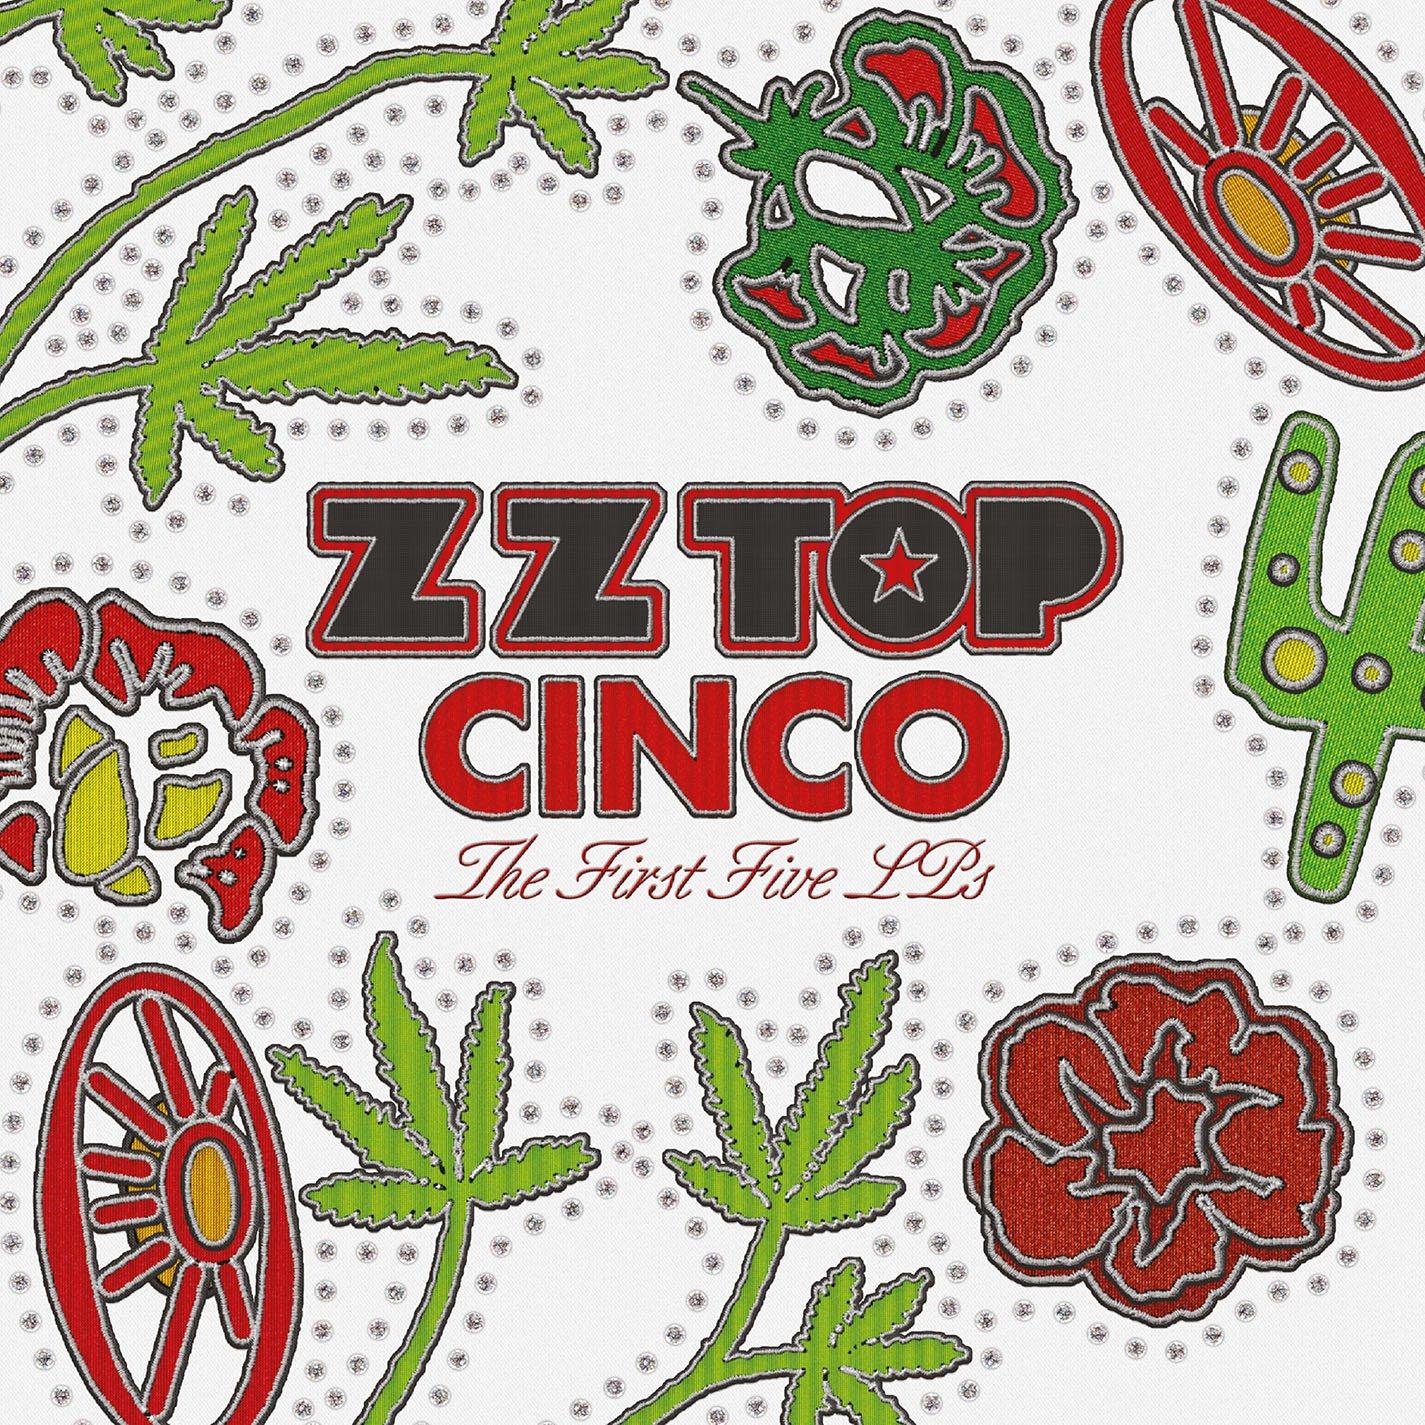 Vinilo : ZZ Top - Cinco: The First Five Lps (Oversize Item Split, 180 Gram Vinyl, Boxed Set, 5 Disc)